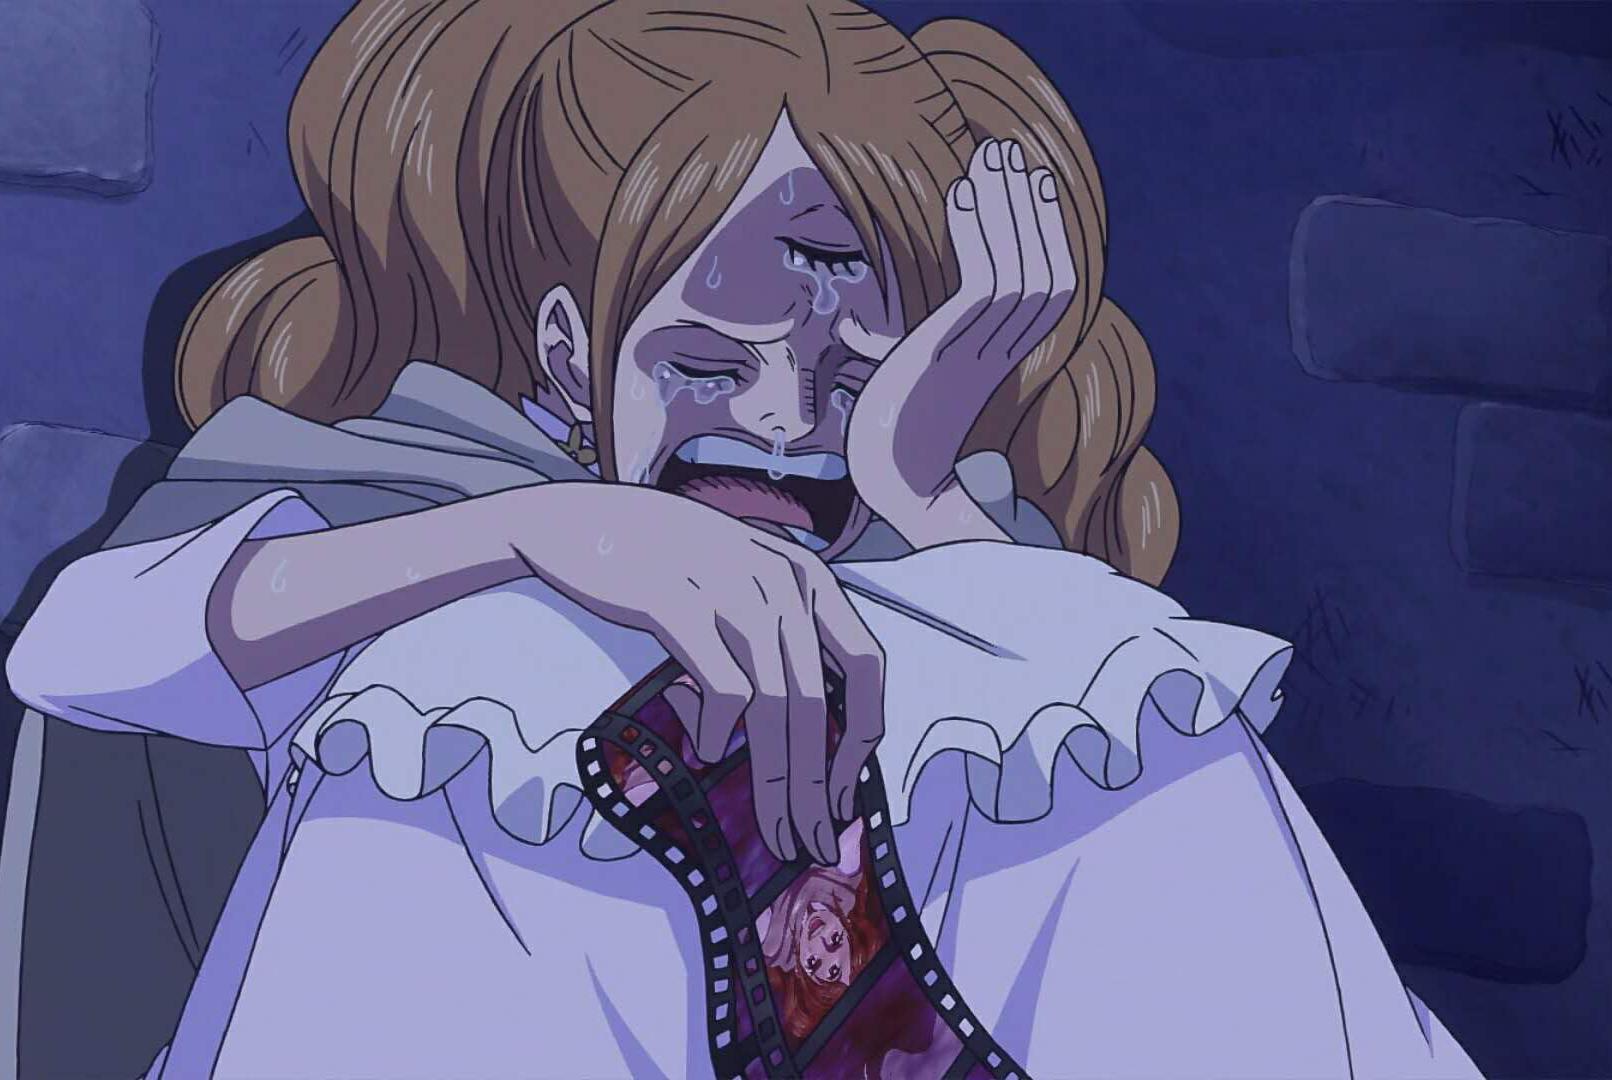 海贼王:布琳抹去了山治和她的所有记忆?其实大家都想错了